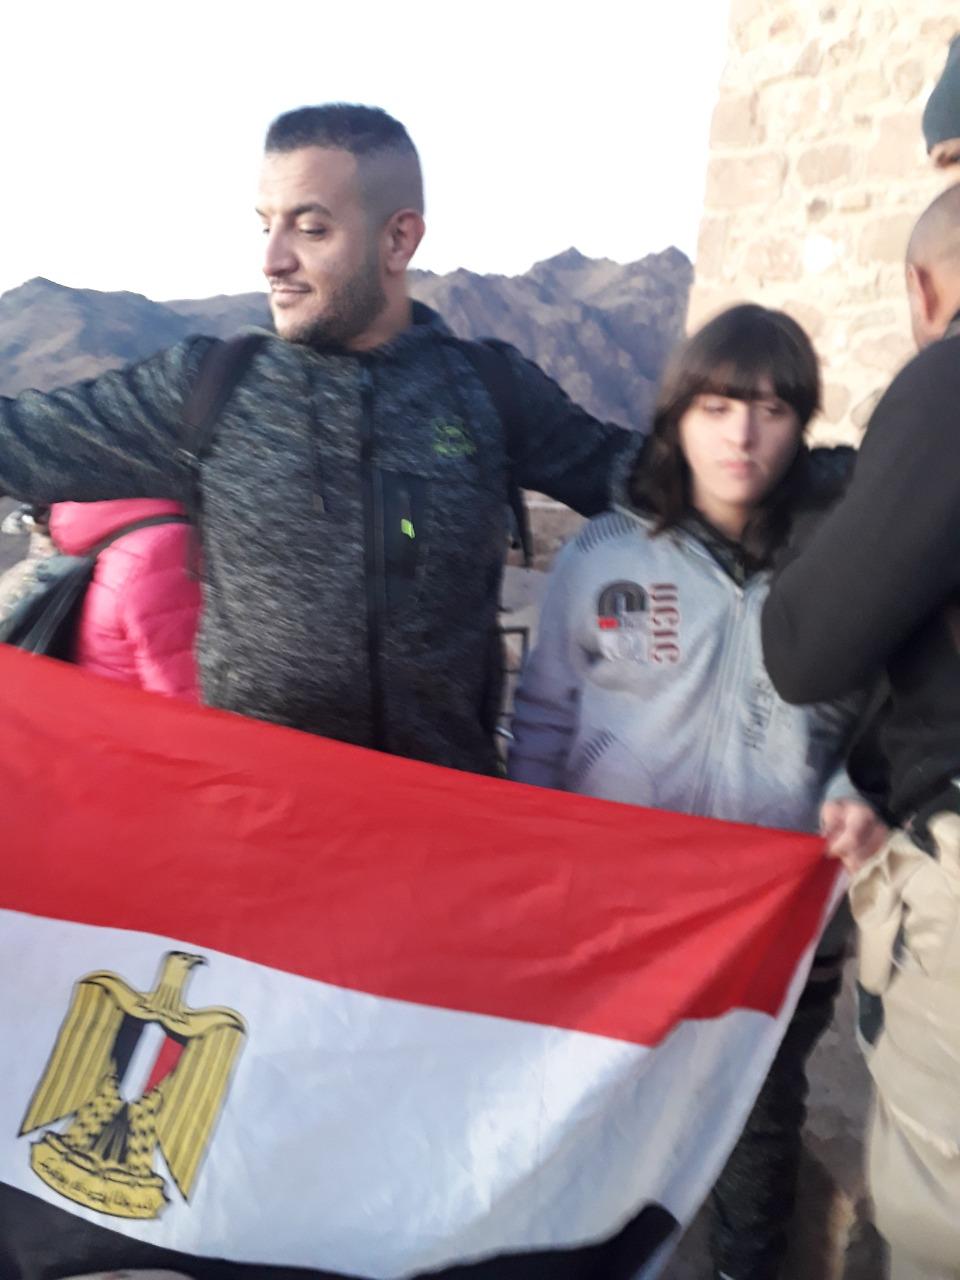 نجاح أول طفل معاق فى تسلق جبل موسى للترويج للسياحة البيئية  (3)